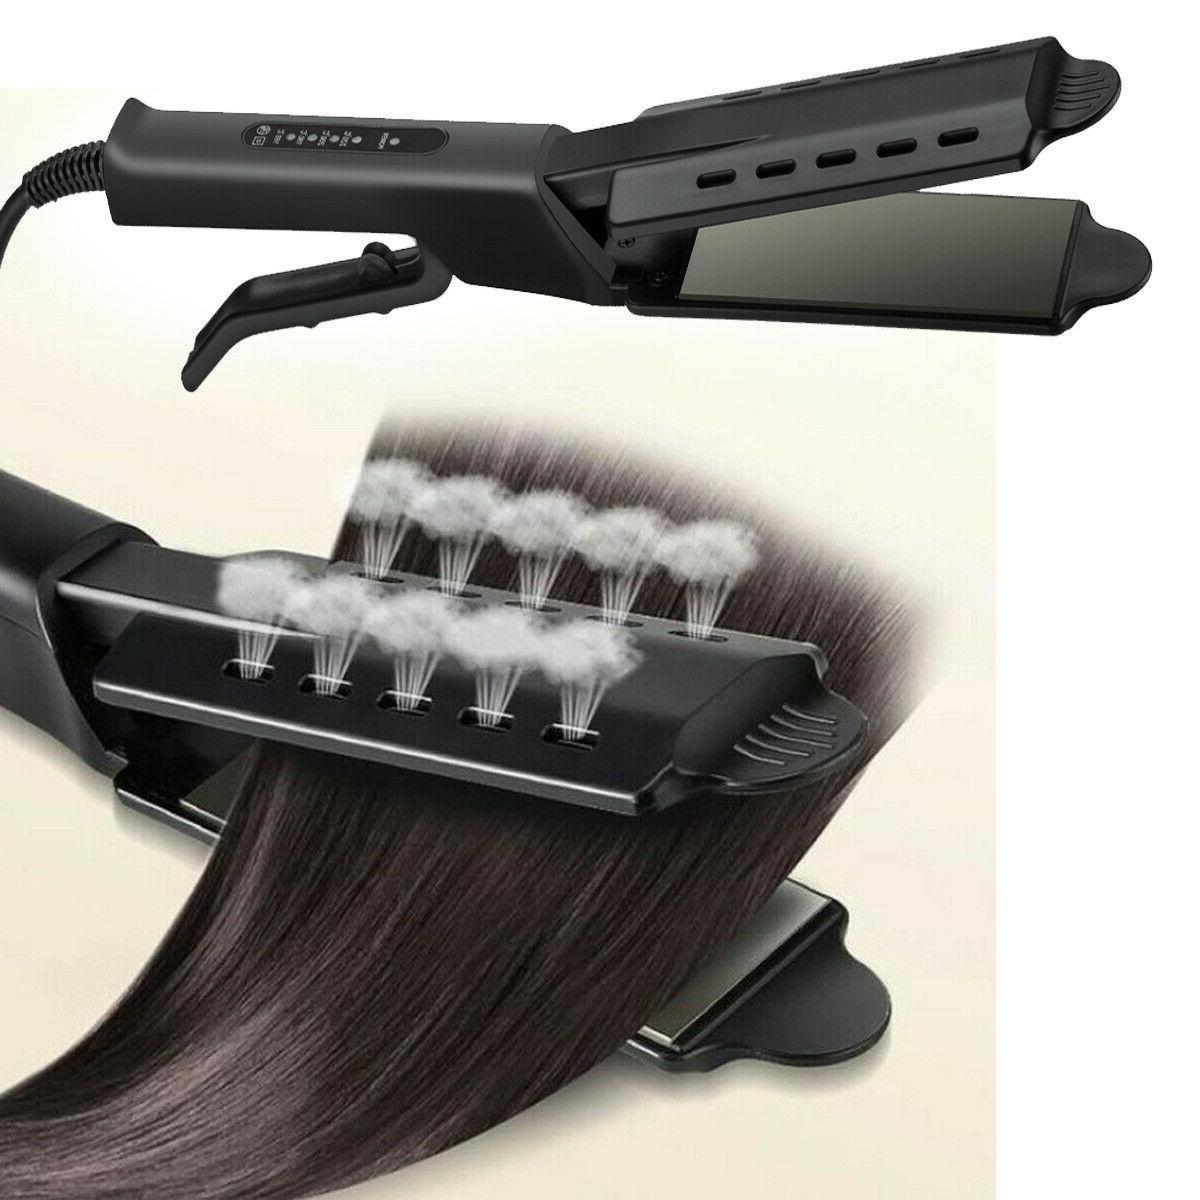 Four-gear Tourmaline Ionic Flat Iron Hair Salon Glider